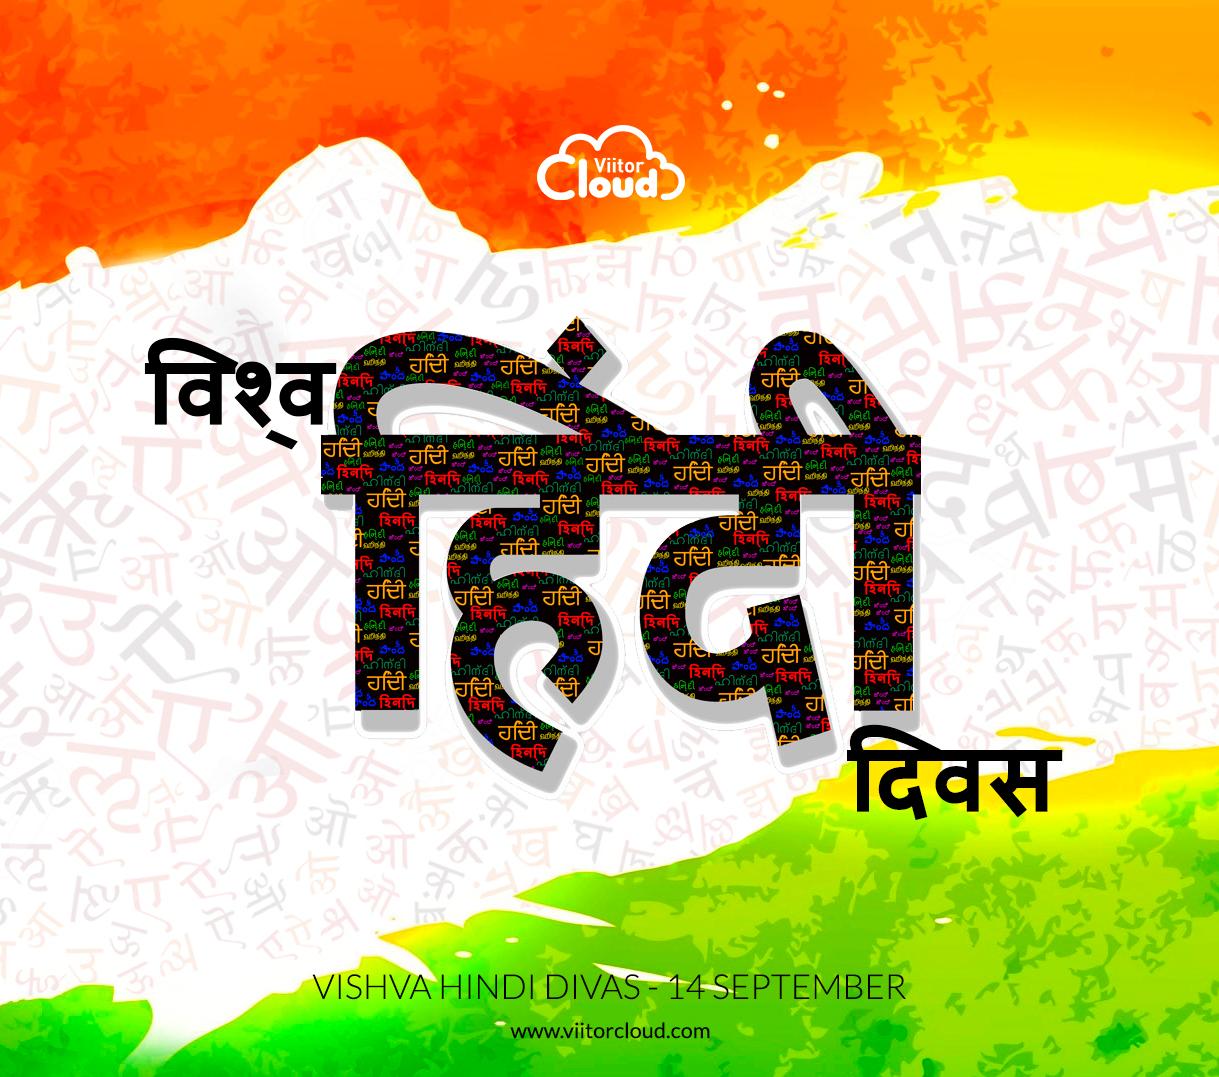 सब को विश्व हिंदी दिवस की बहोत सारी शुभकामनाए! Best wishes